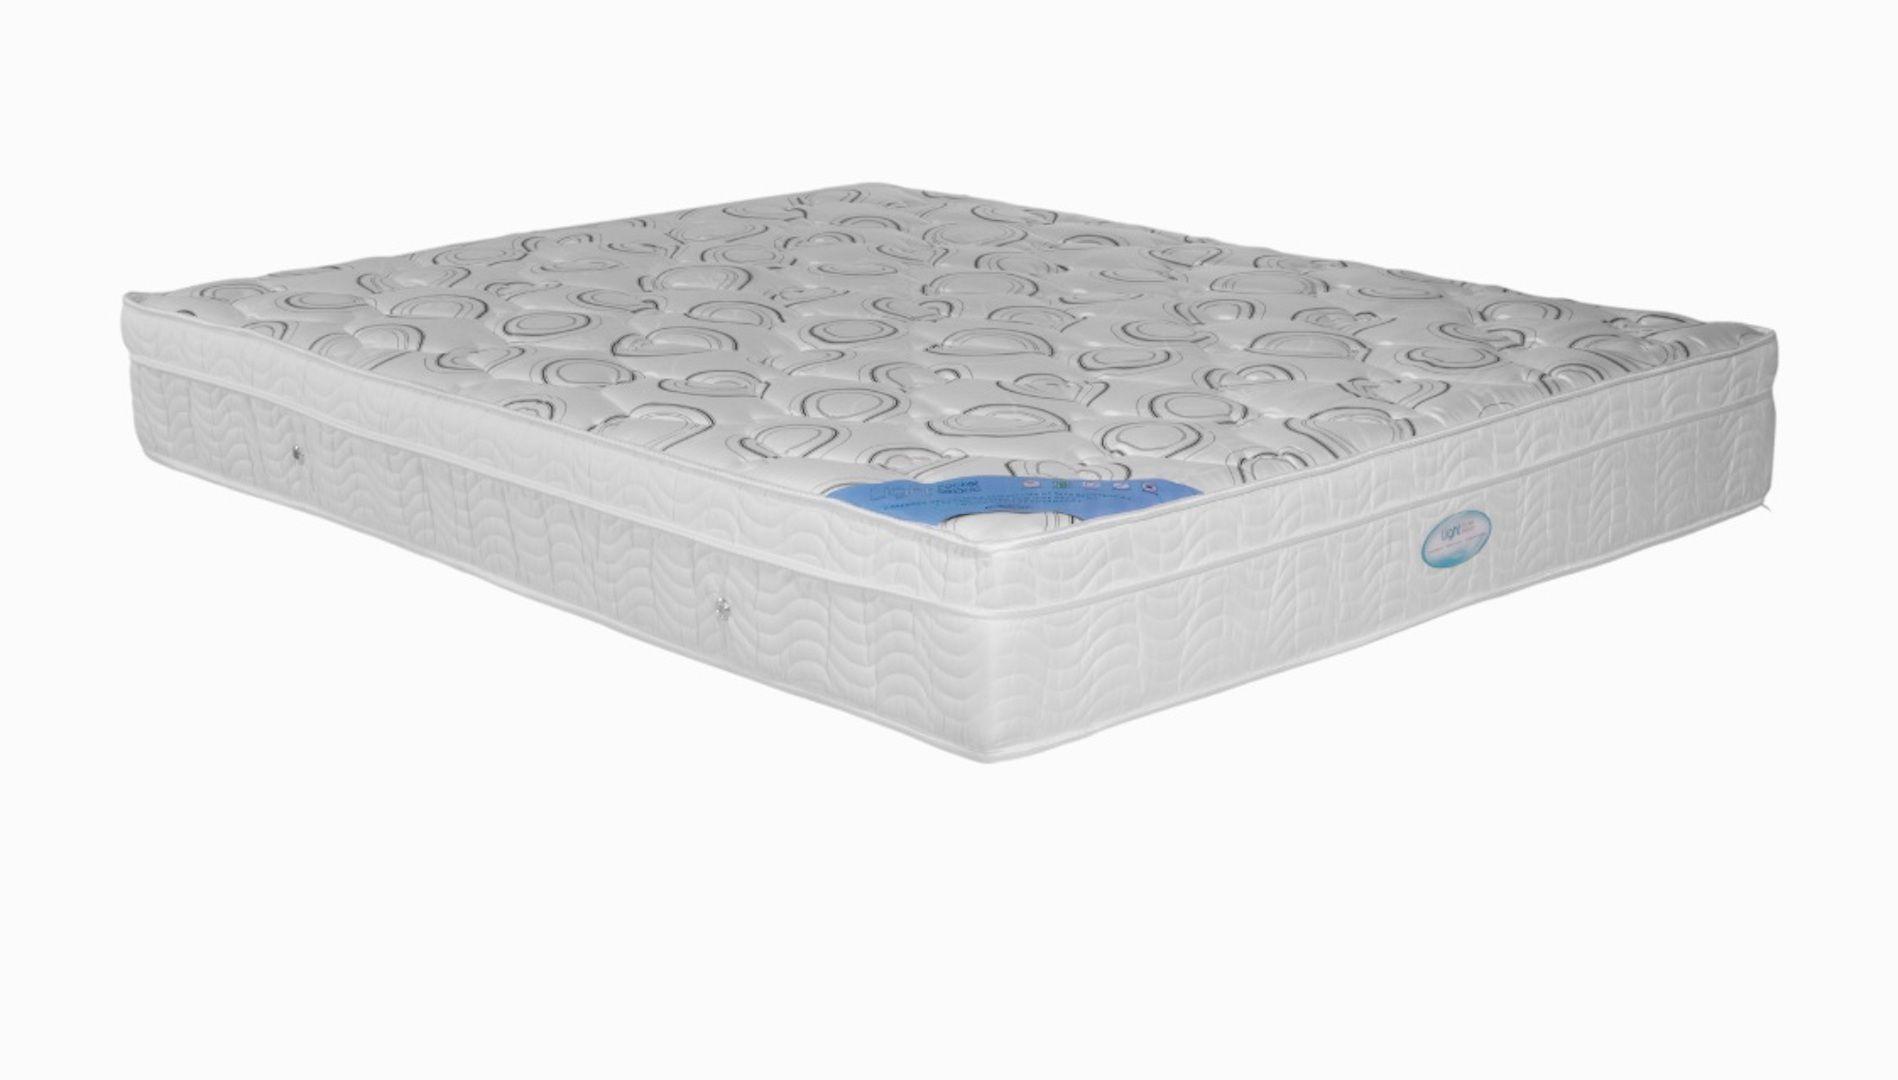 COLCHÃO ORTOBOM SUPERPOCKET SELADO WHITE CASAL (138x188x27cm)